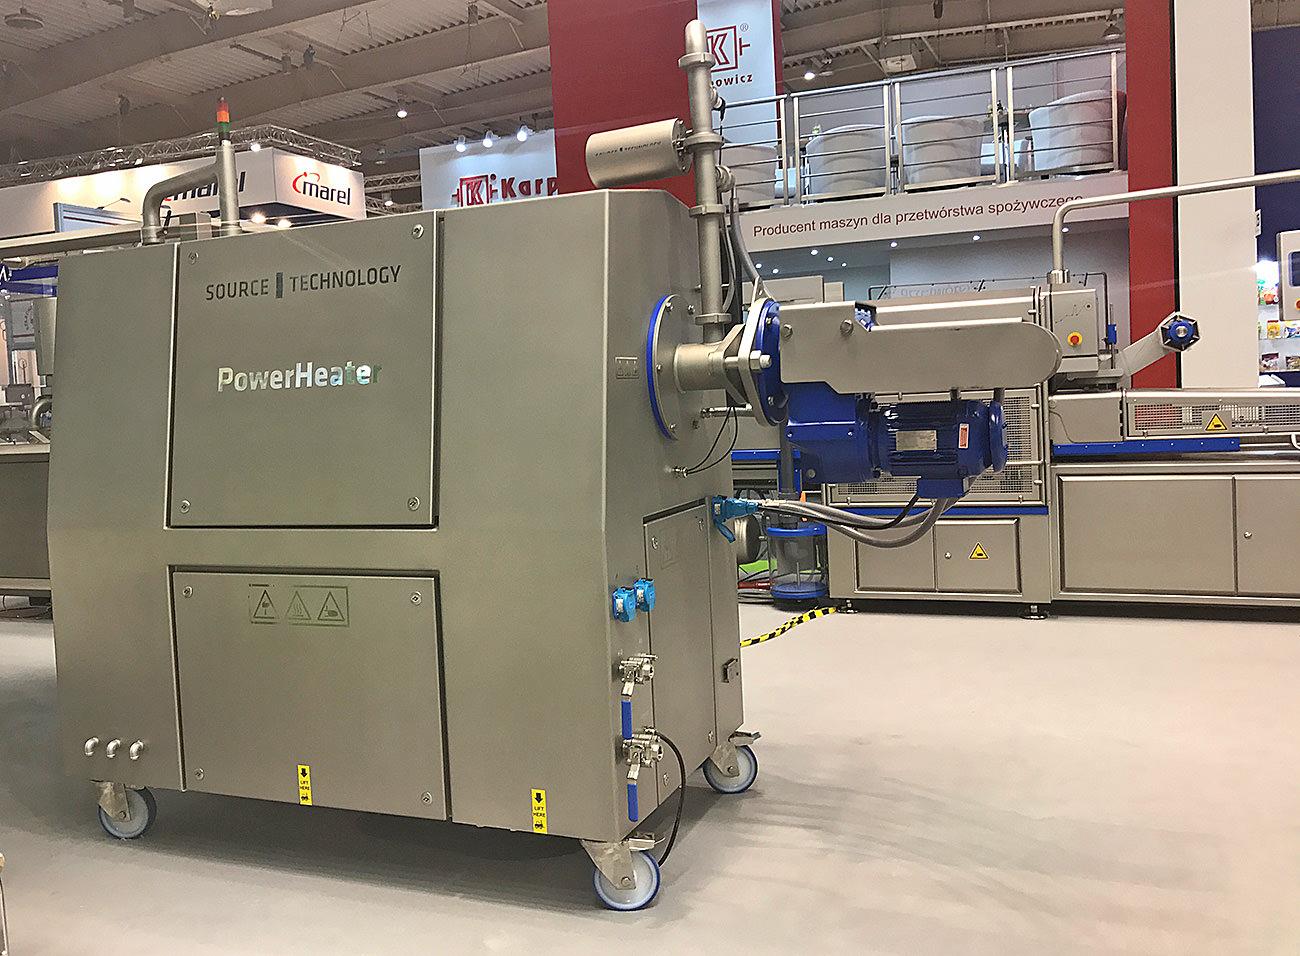 Maszyna do przetwarzania emulsji białkowych POWER HEATER firmy SOURCE TECHNOLOGY